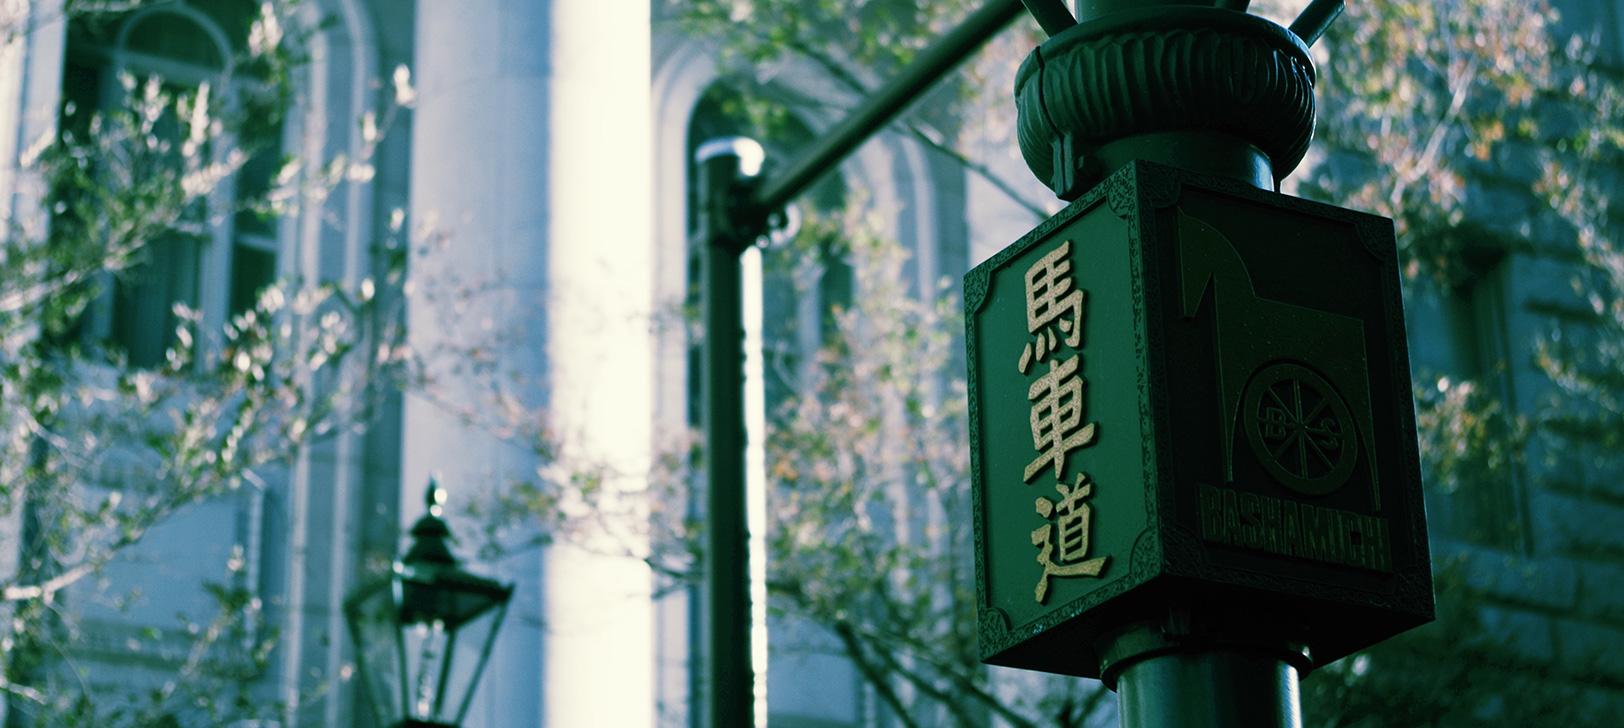 馬車道、日本大通り中華街へ徒歩圏